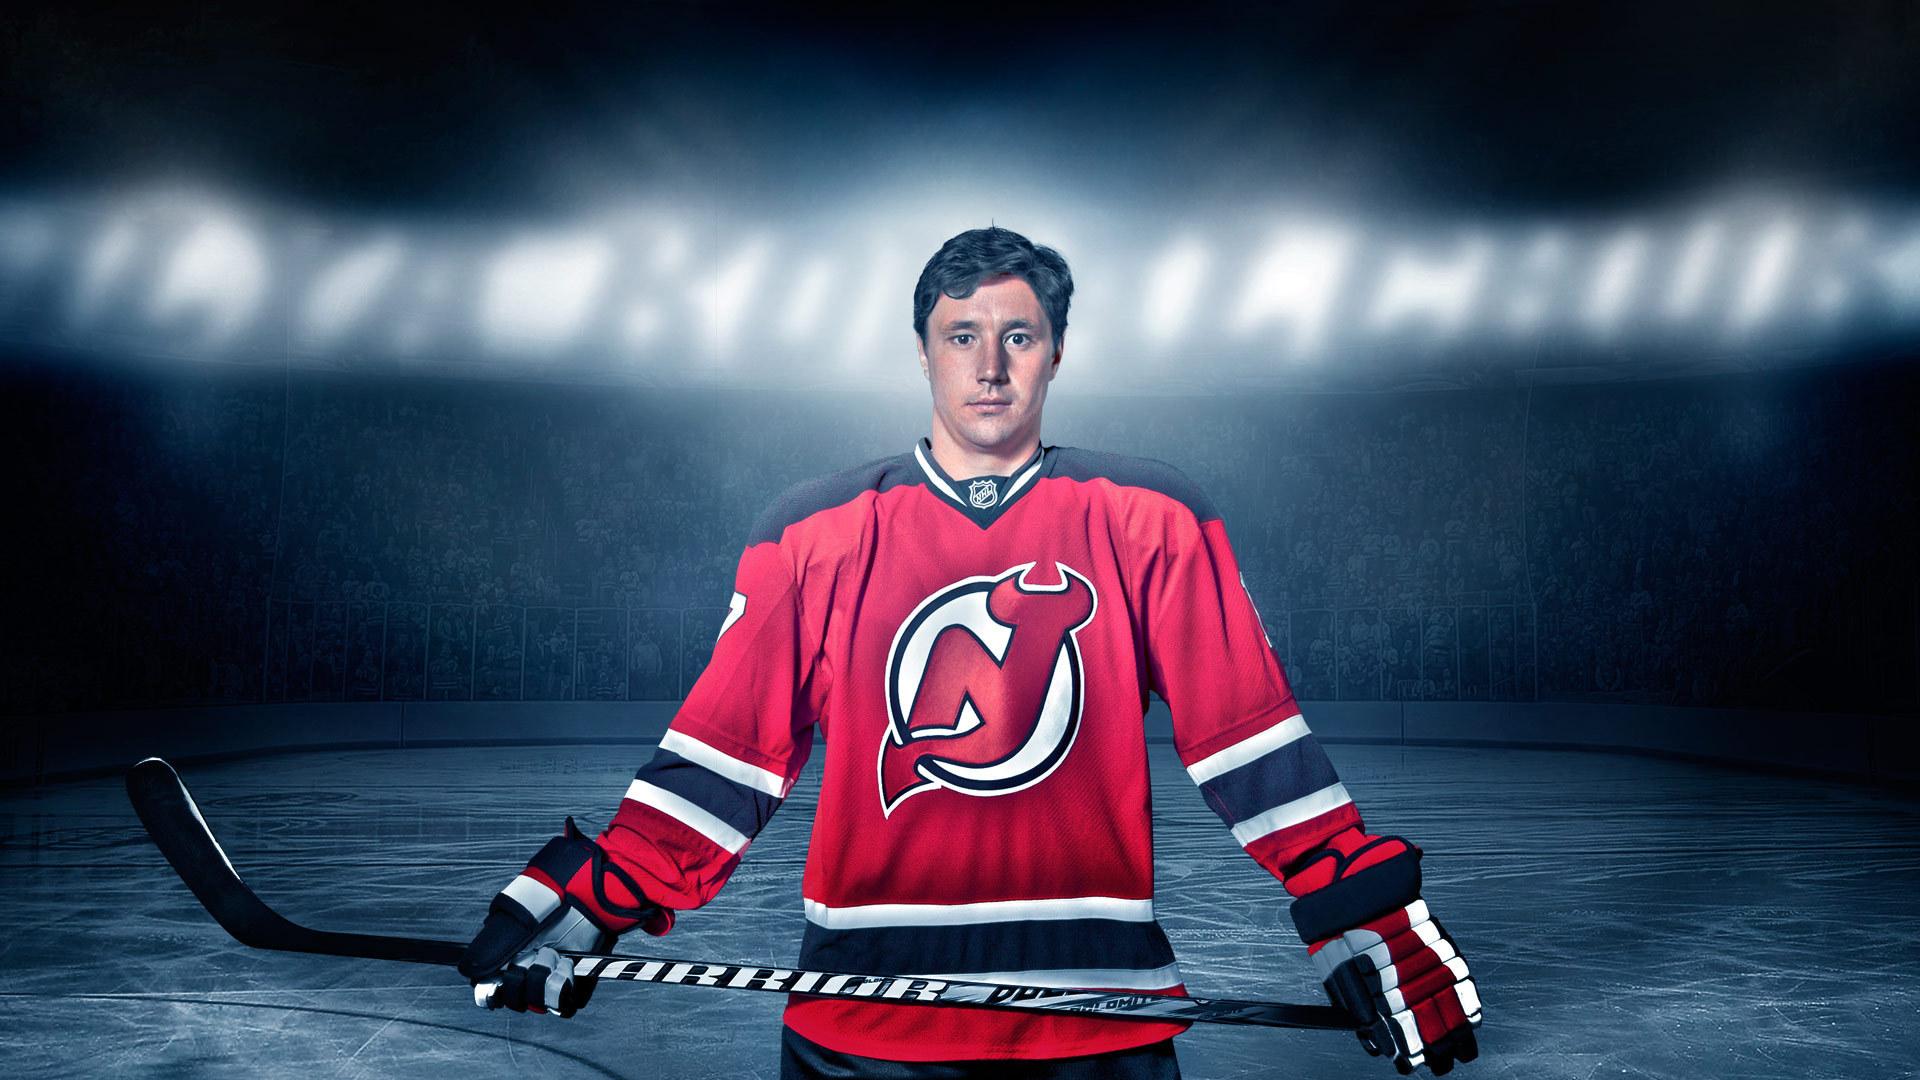 Фото хоккеистов на рабочий стол айфона